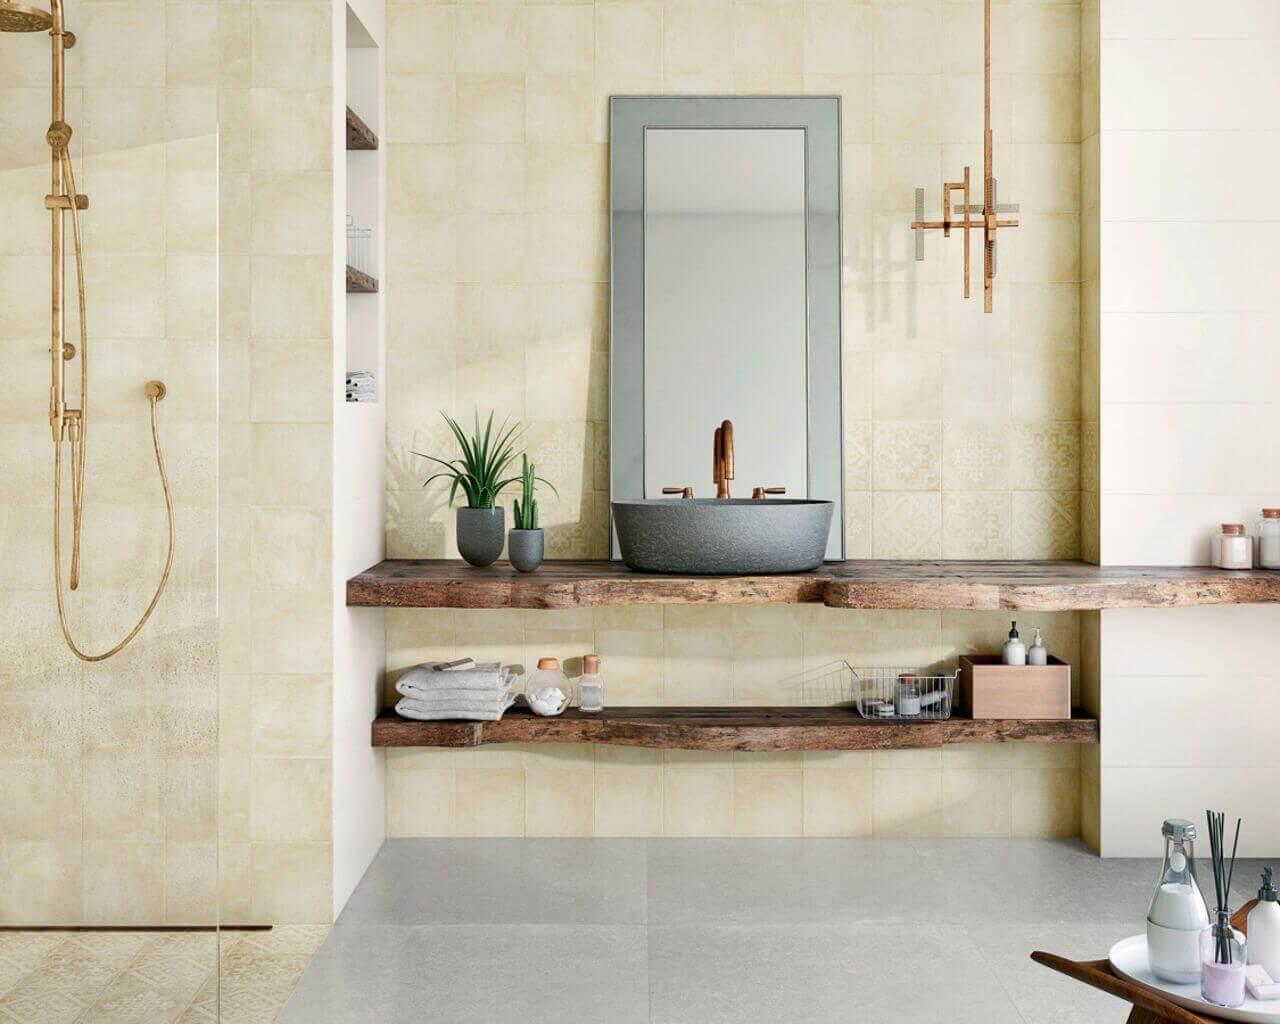 Mit 6 Do Małej łazienki Nadają Się Tylko Małe Płytki